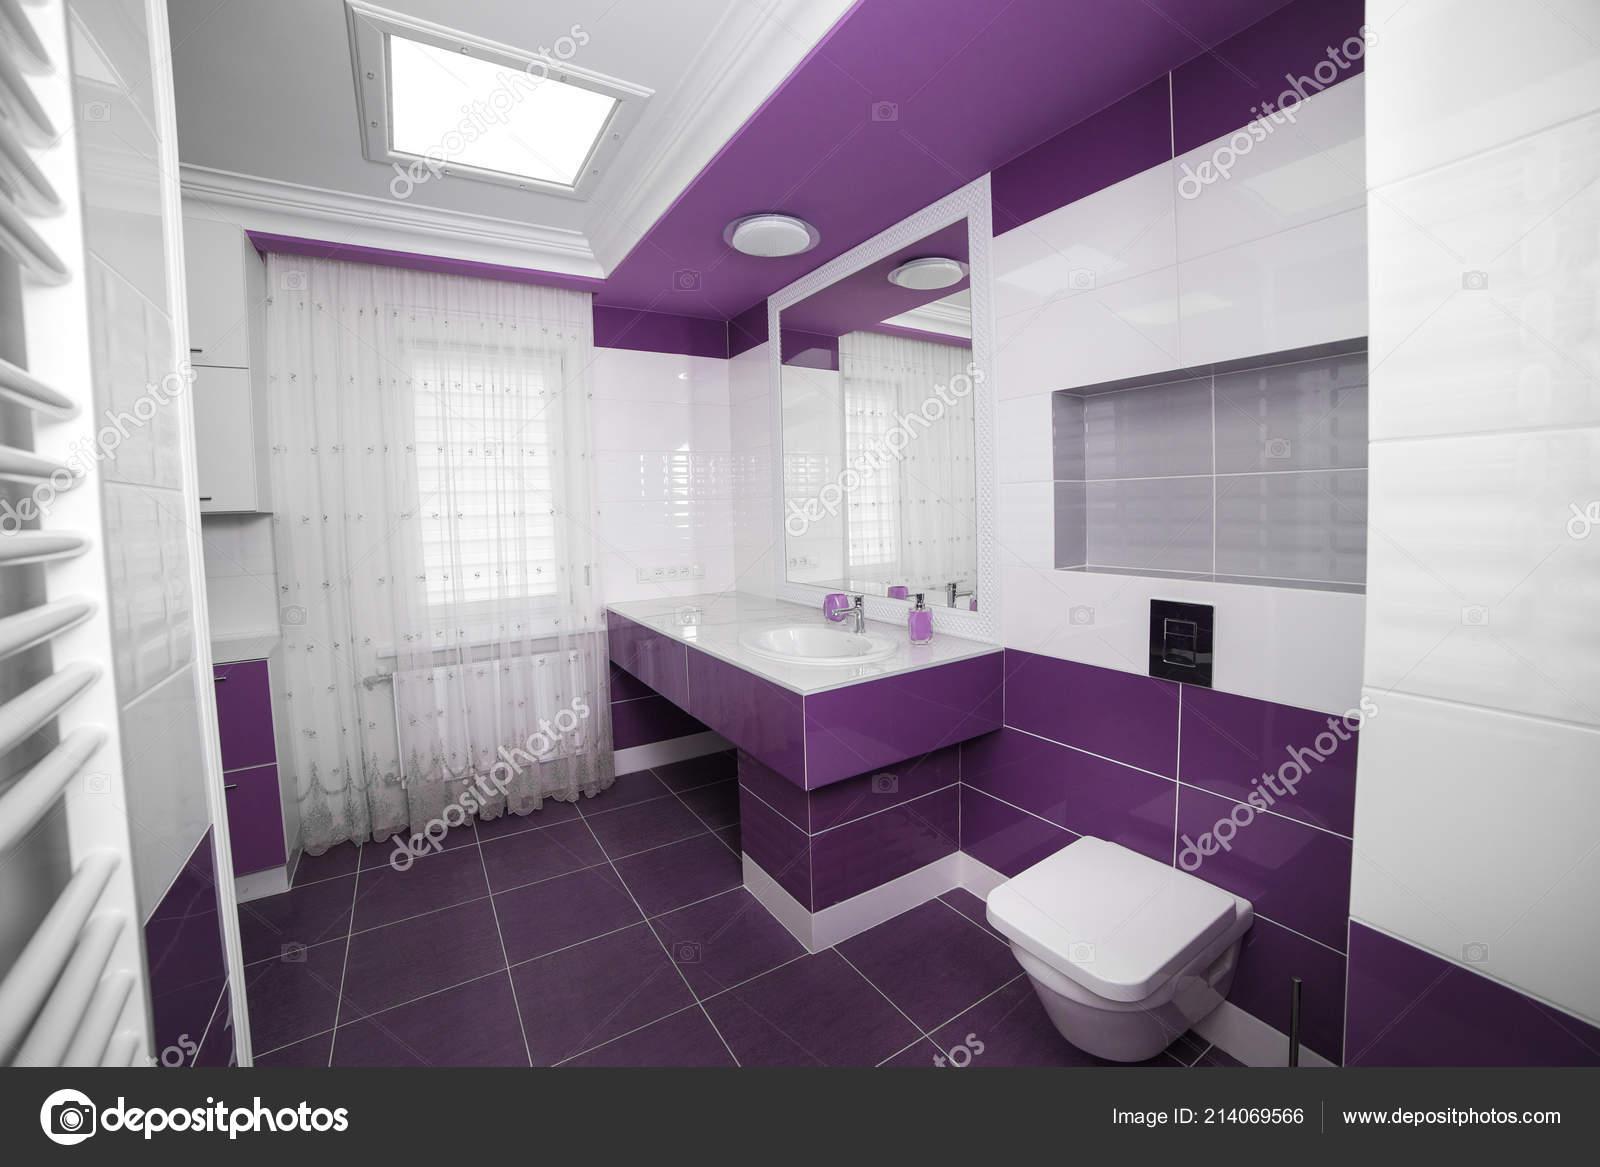 Interno Bagno Moderno Con Pannello Mosaico Vasca Bagno Bianca Contro ...